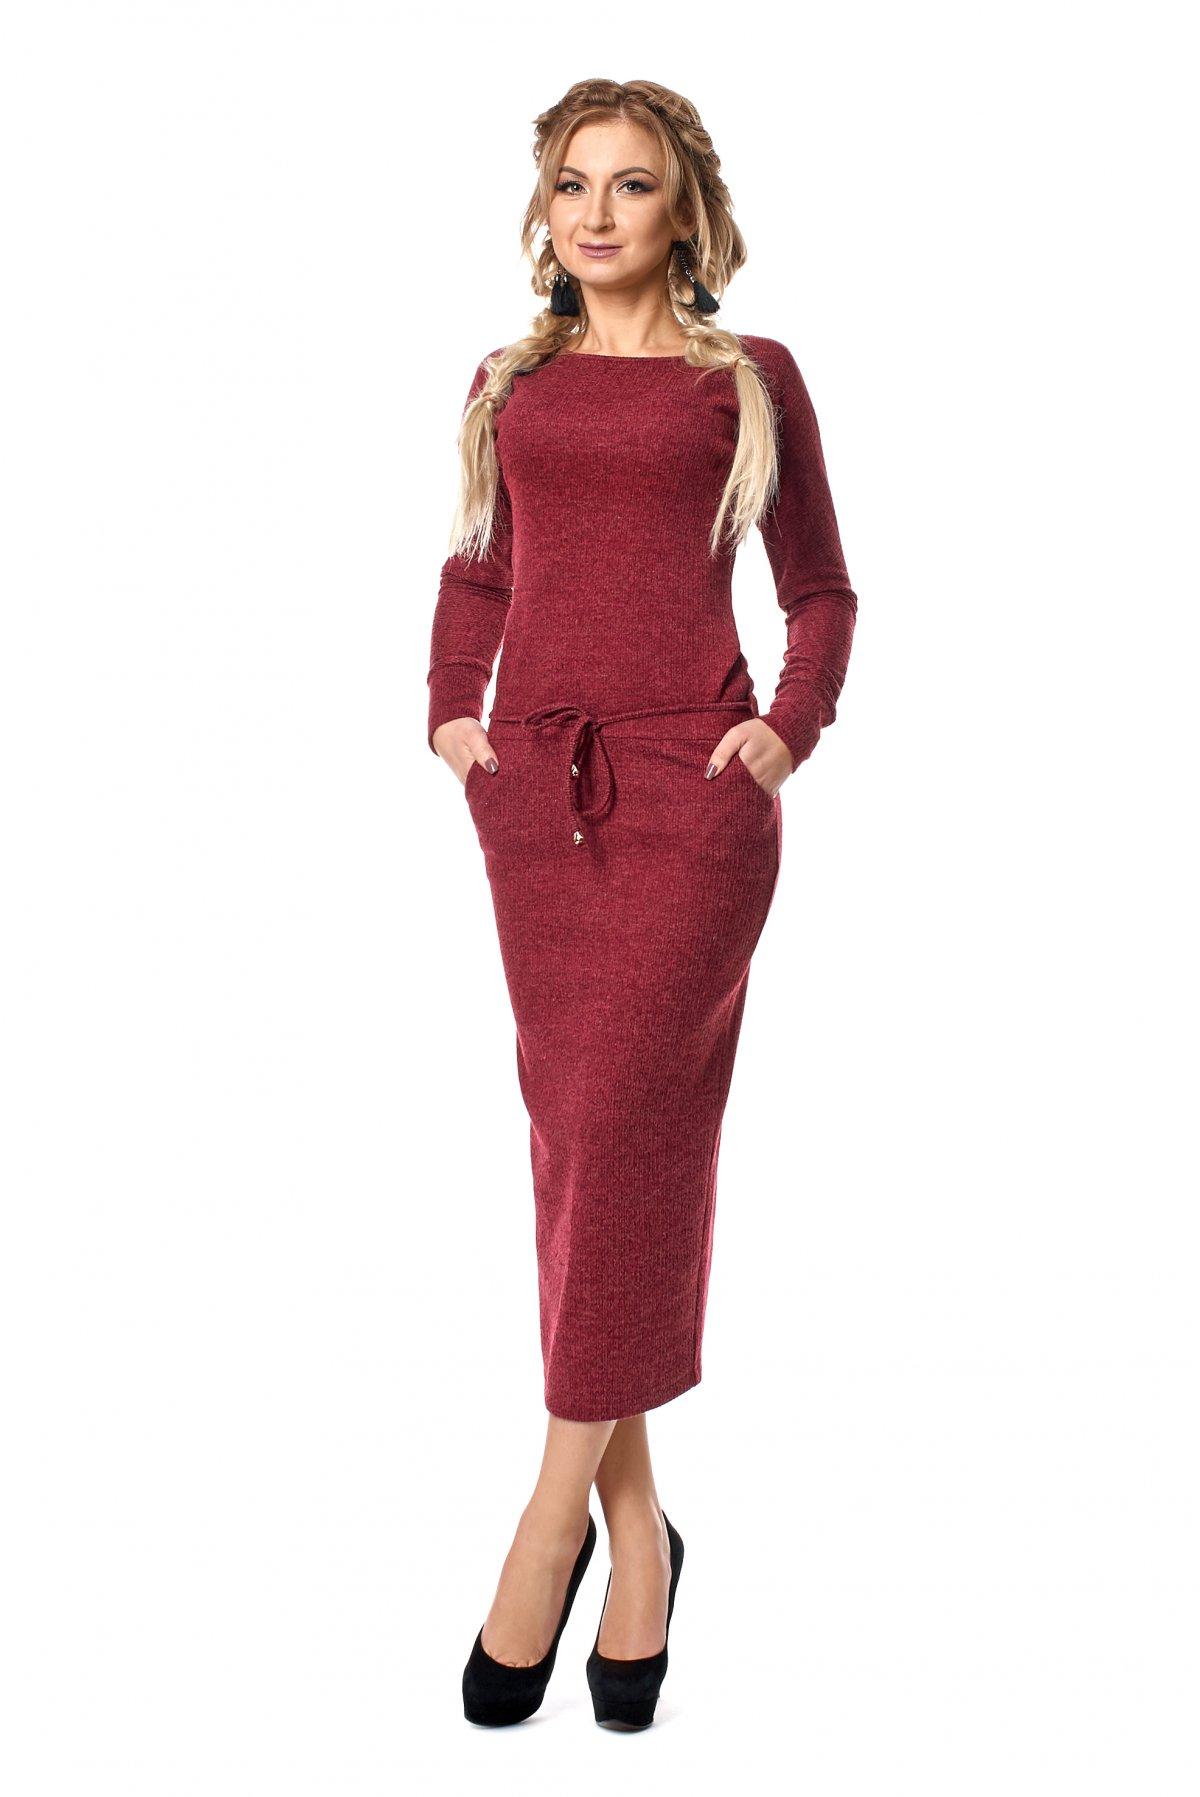 Жіноче тепле трикотажне плаття 1024 - Товари - Купити стильні сукні ... c1067a553ade2